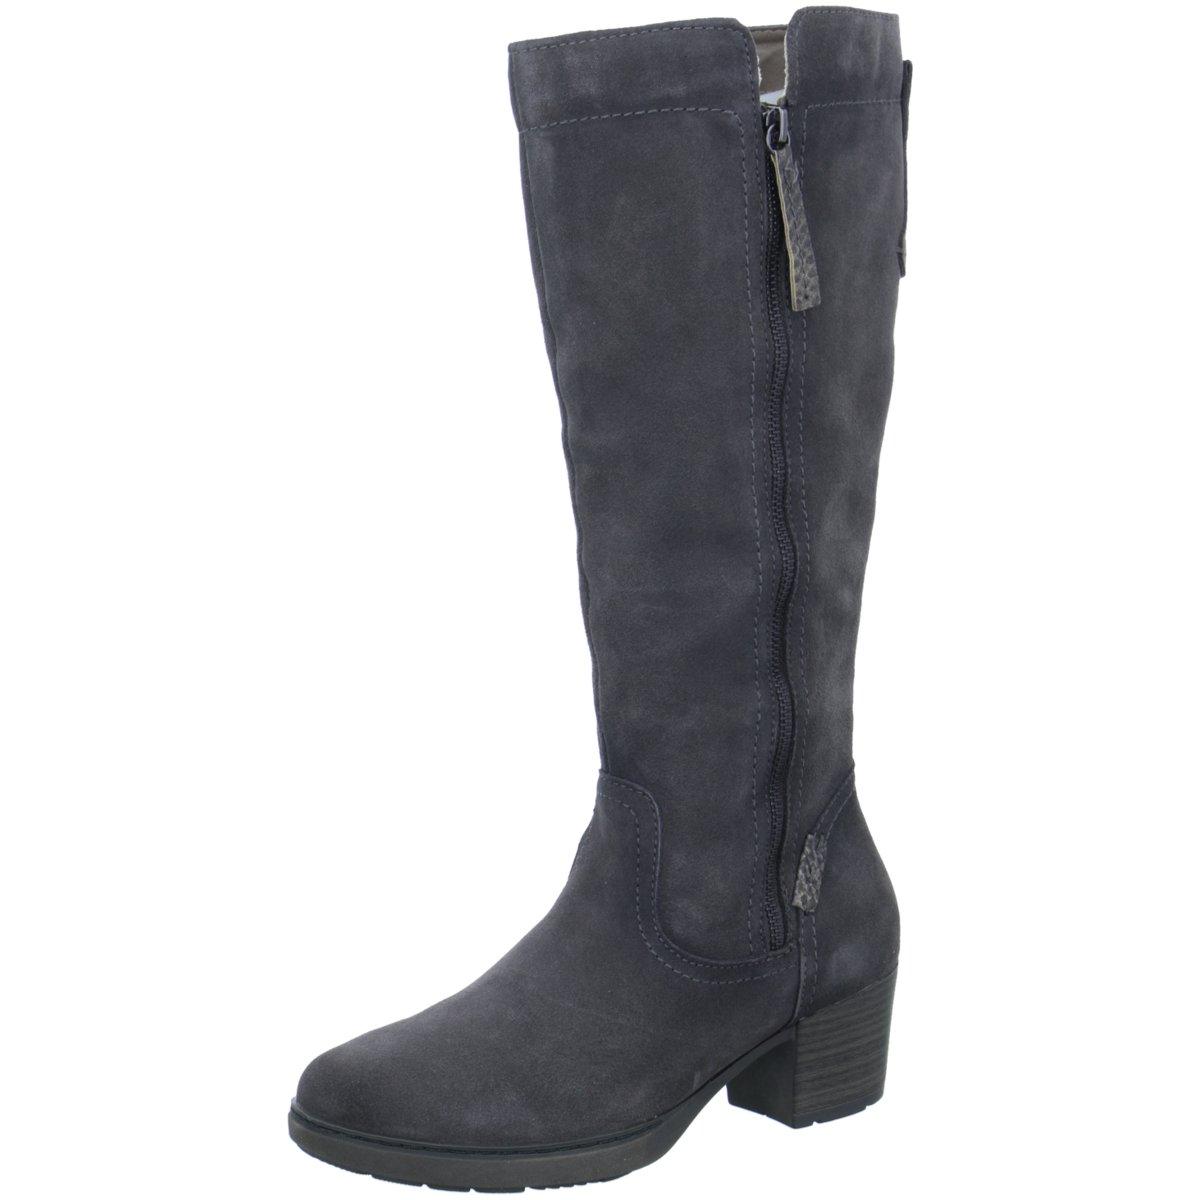 Jana Damen Stiefel Da.-Stiefel 8-8-25503-29 314 grau 353110   | New Product 2019